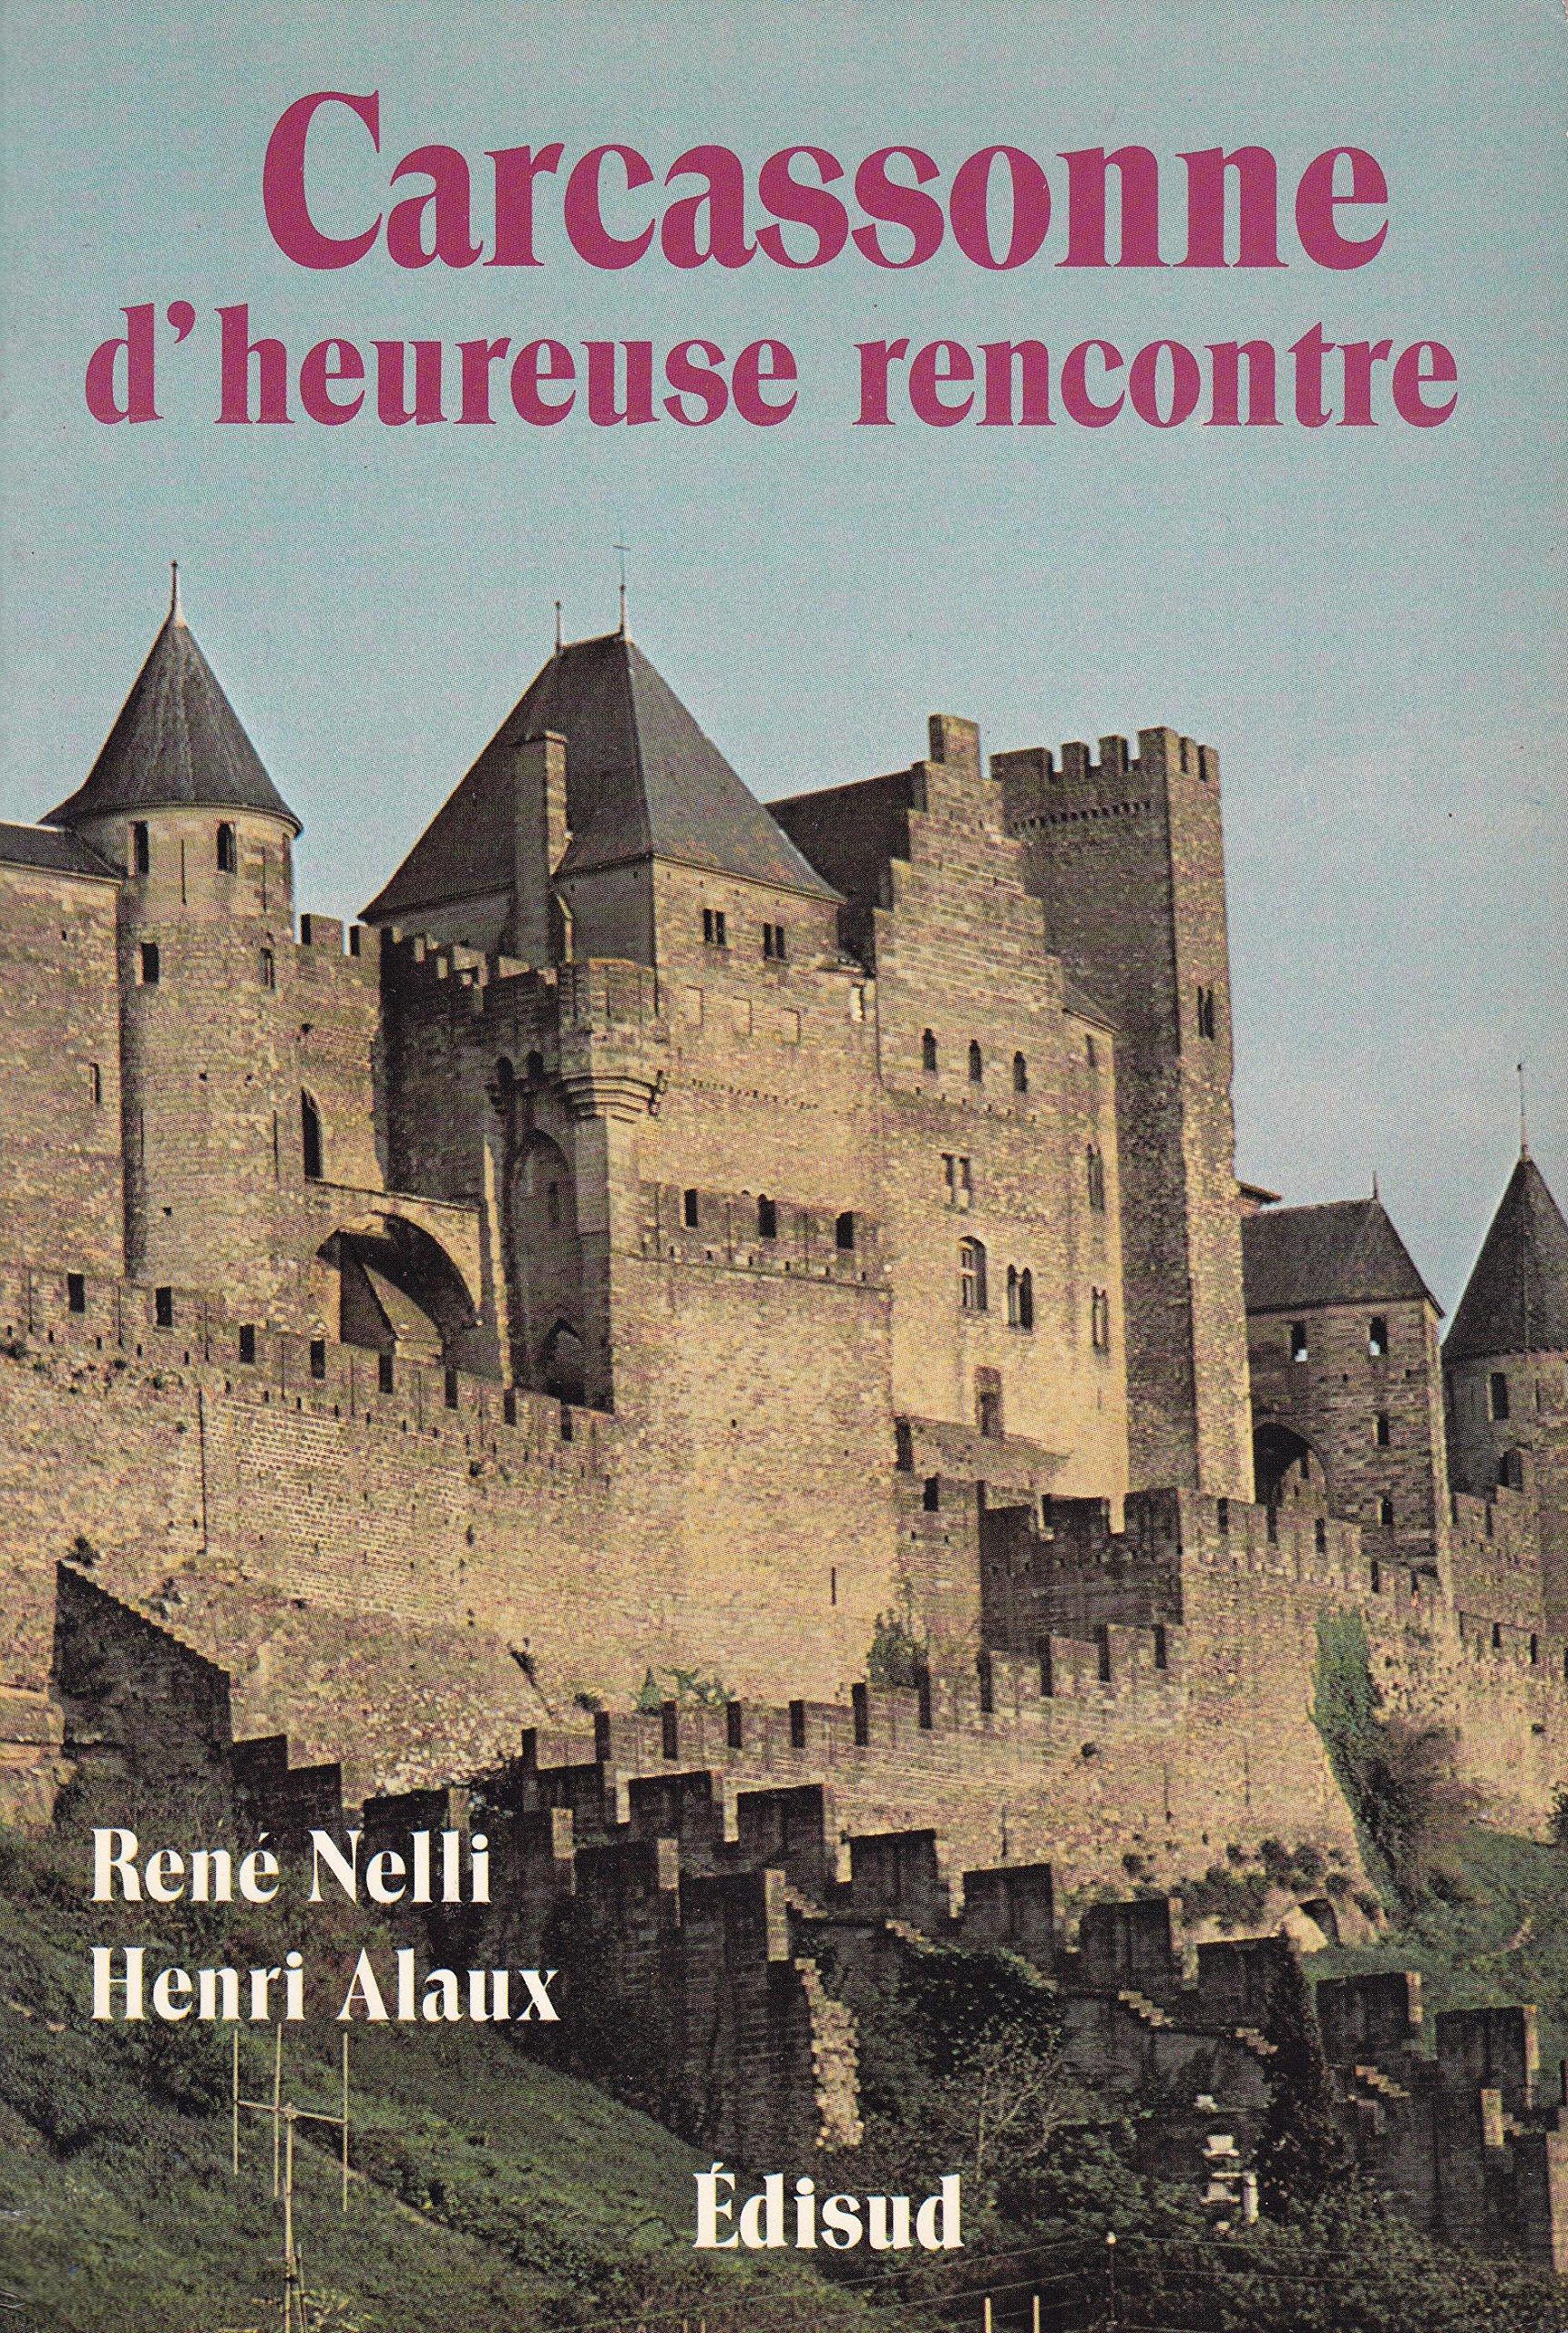 Carcassonne dheureuse rencontre: Amazon.es: Nelli, René, Alaux, André: Libros en idiomas extranjeros